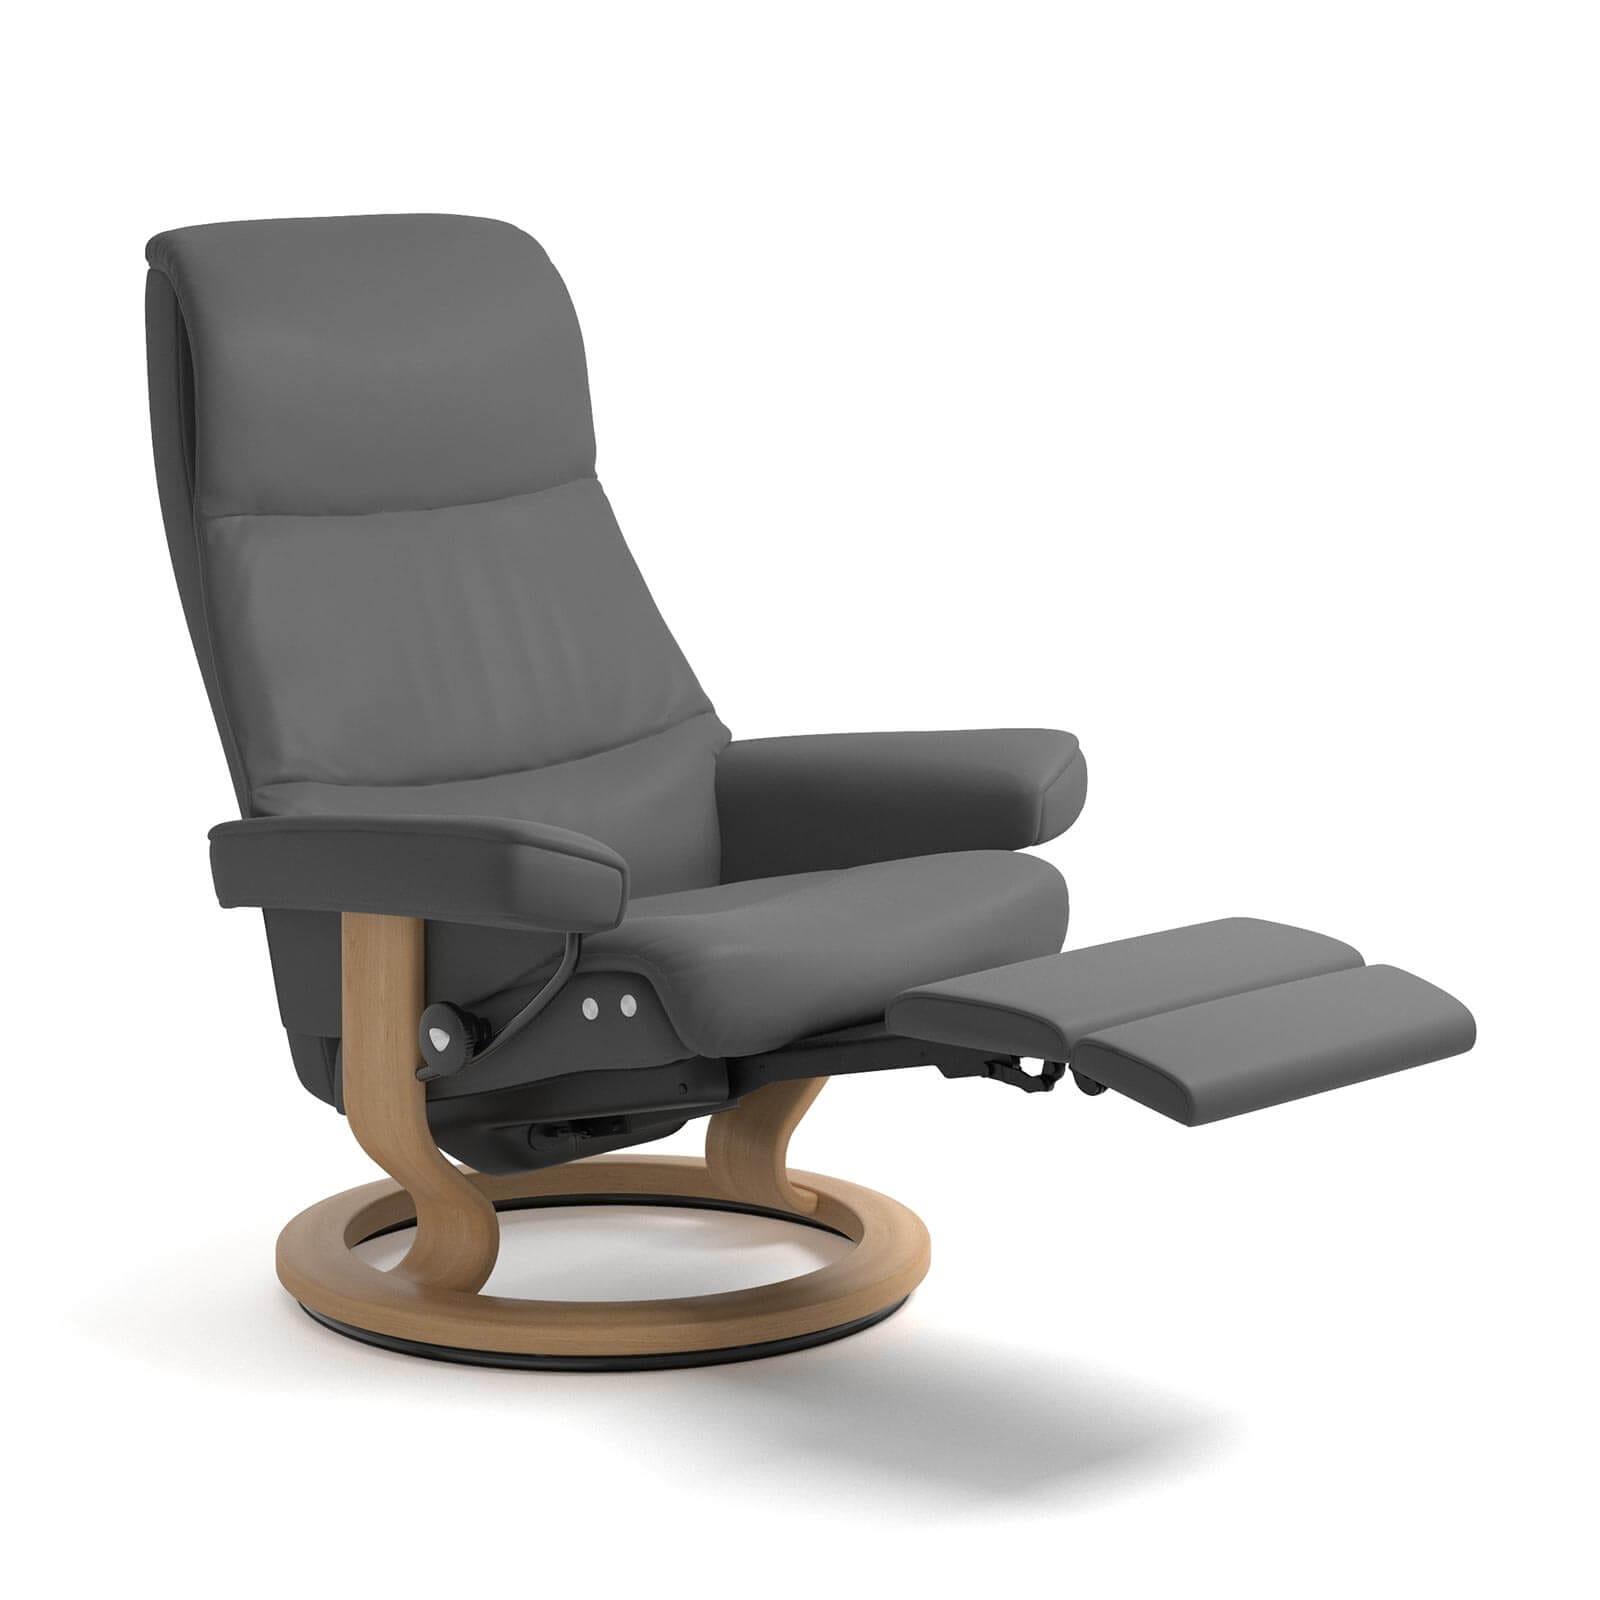 stressless view legcomfort grau stressless online shop. Black Bedroom Furniture Sets. Home Design Ideas